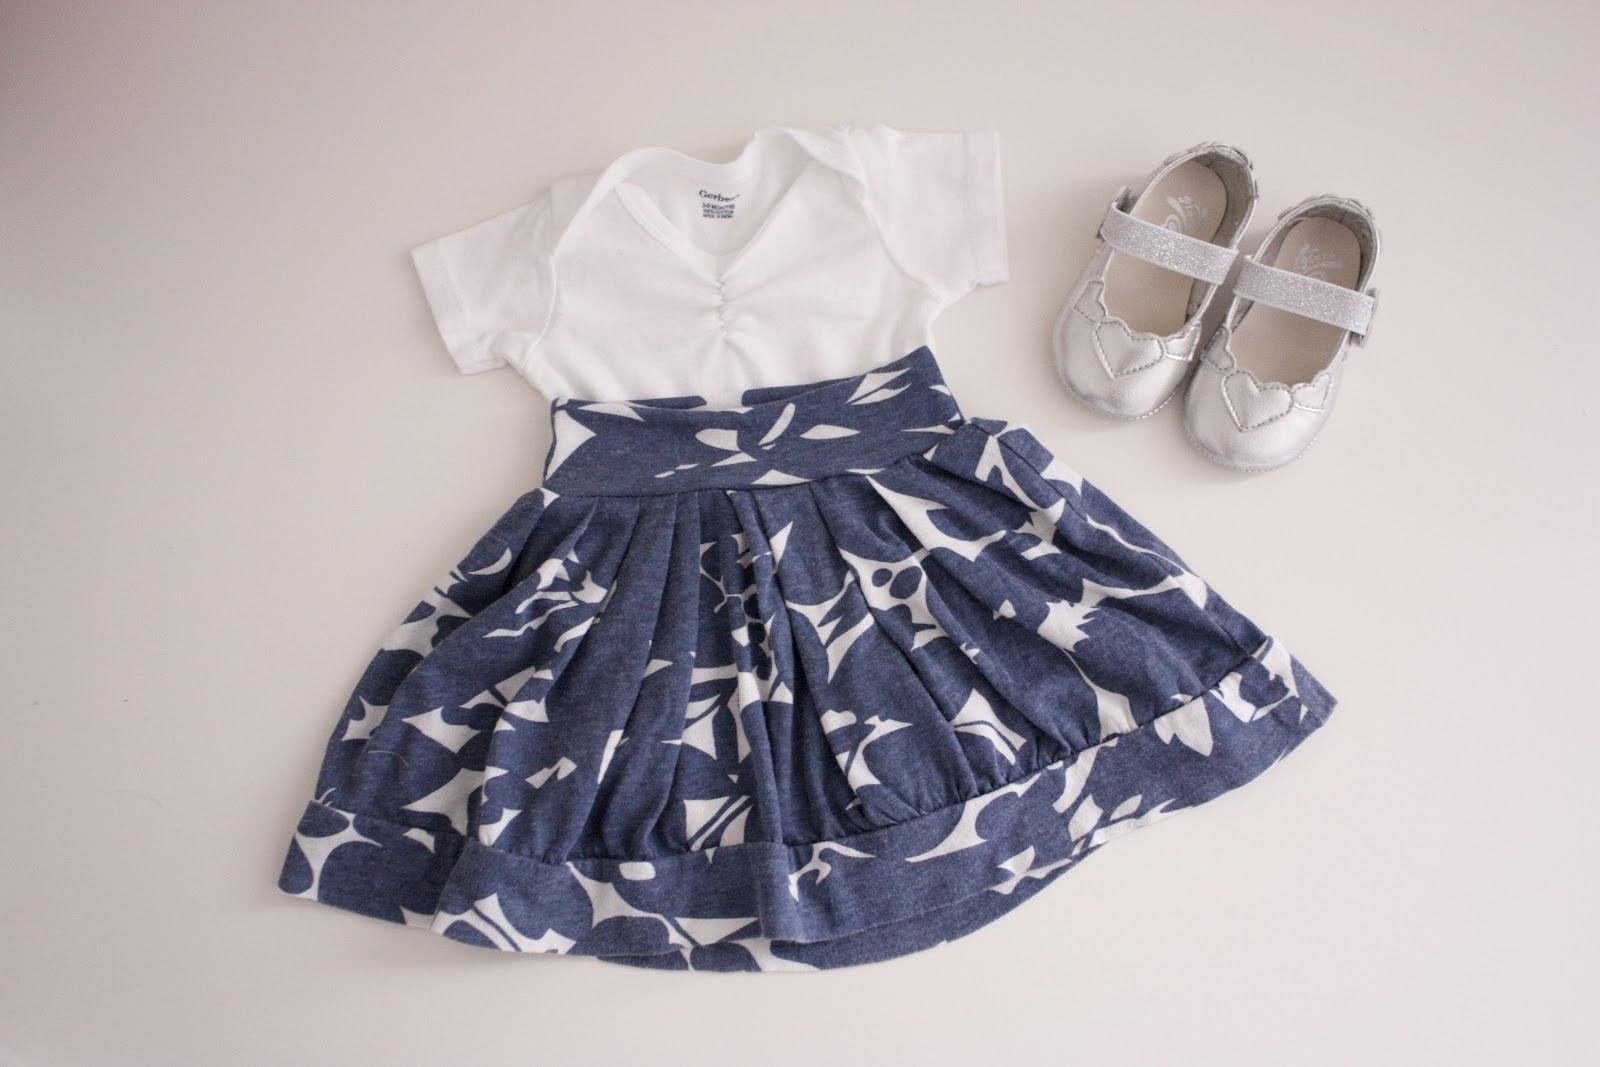 Ruffled Baby Skirt